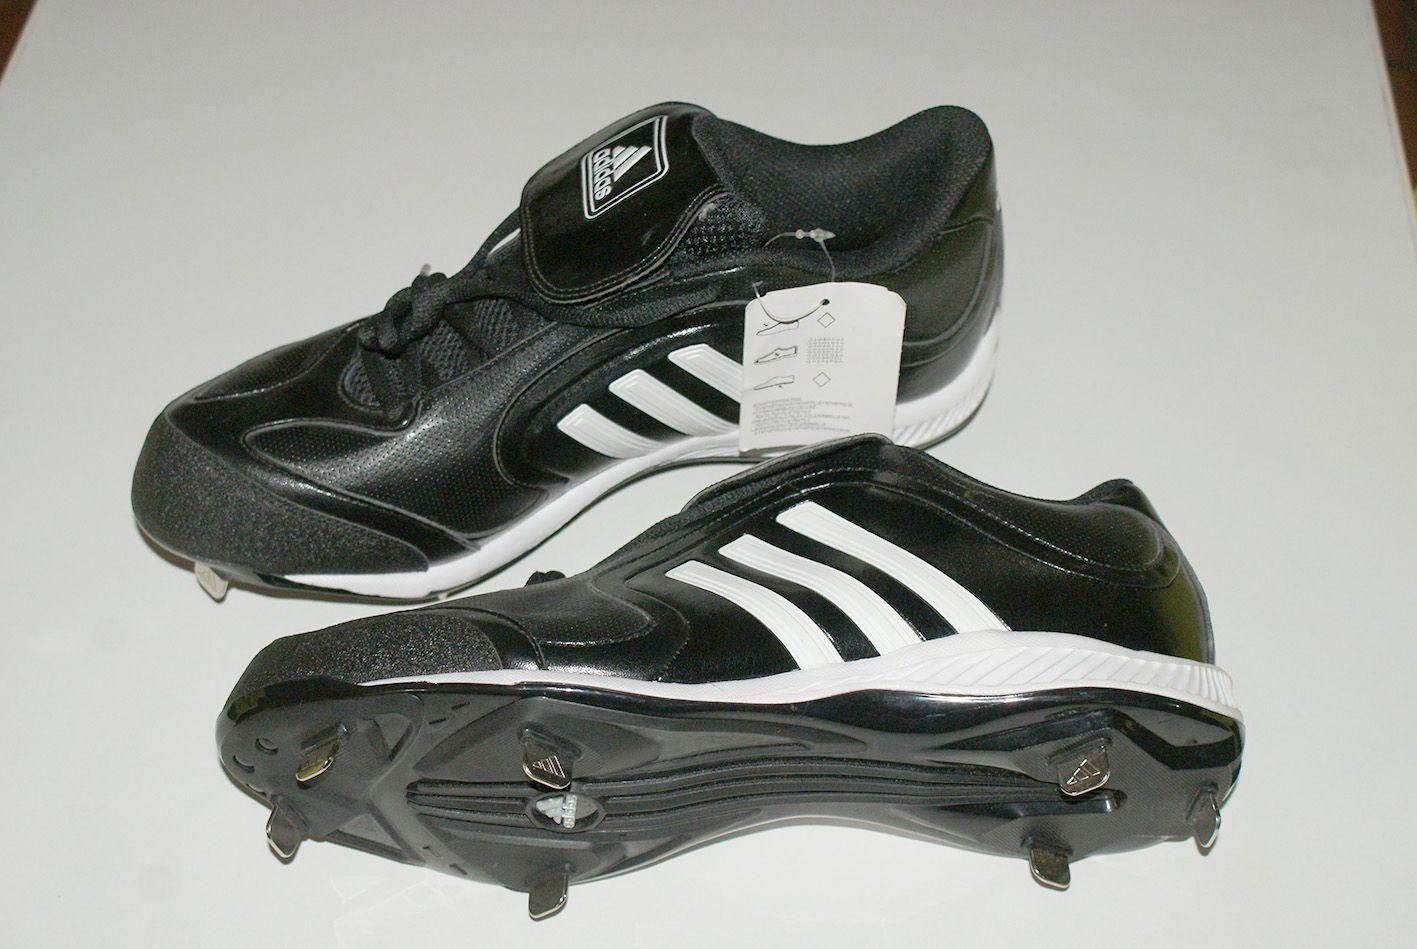 3e85a80b6a5f5 Vendo zapatos para beisbol. Marca Adidas originales. Completamente nuevos.  Interesados enviar email a  dmentecreativa gmail.com